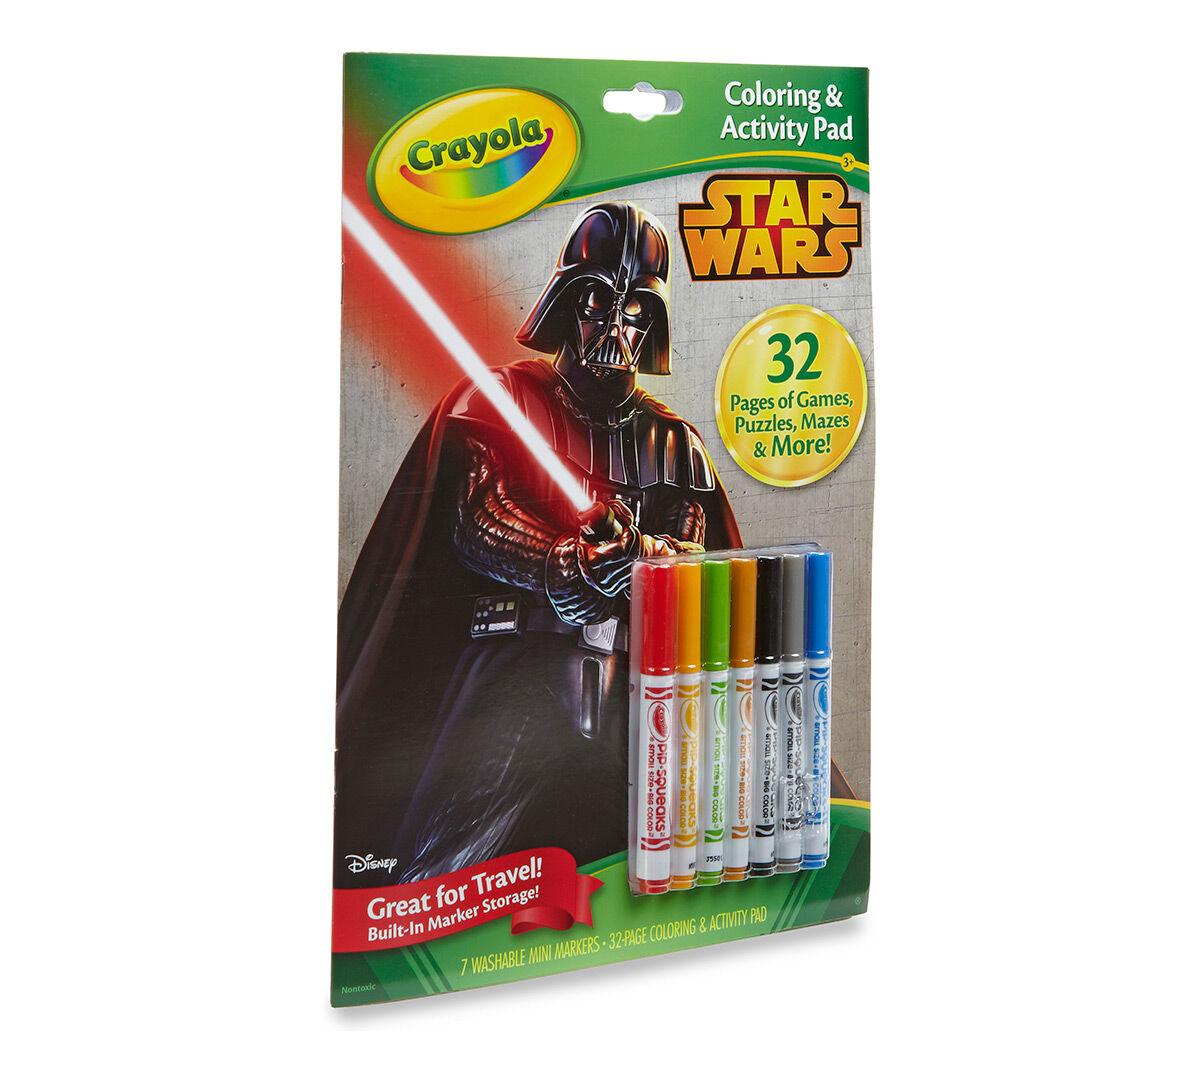 Crayola Coloring & Activity Pad - Star Wars - Crayola